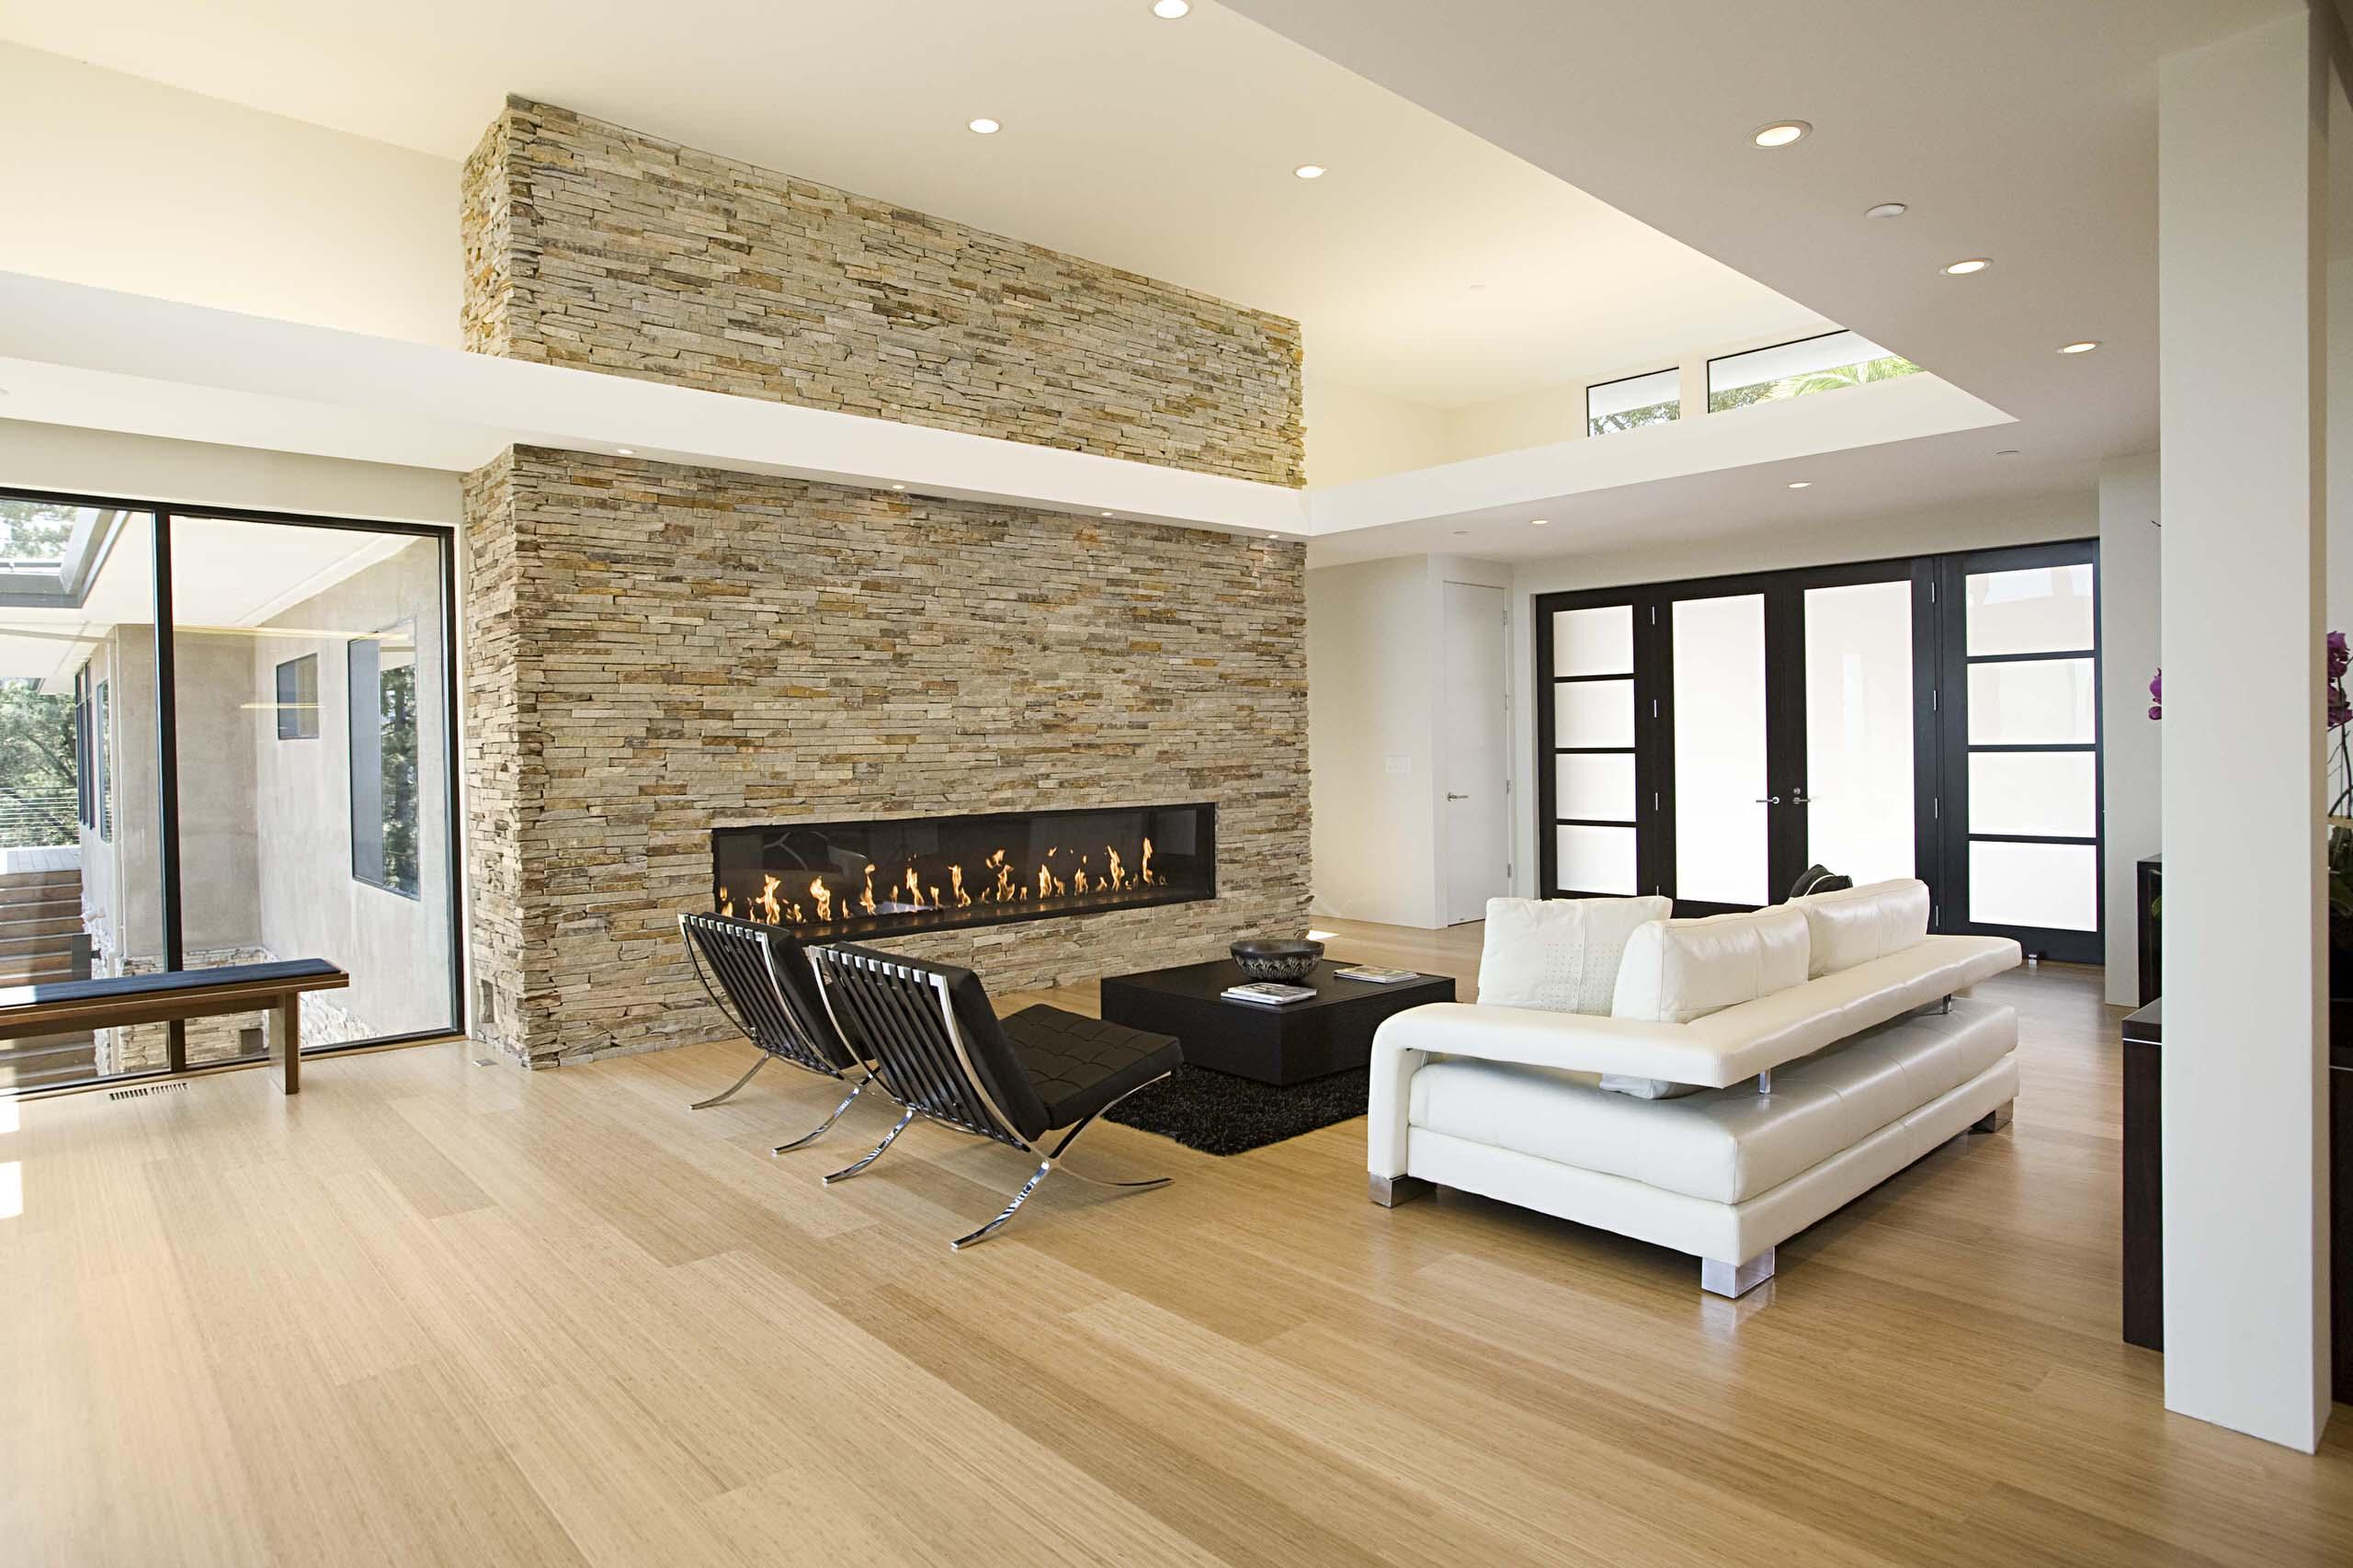 Casas modernas ideias dicas fachadas e projetos 80 fotos for Ver fotos de interiores de casas modernas